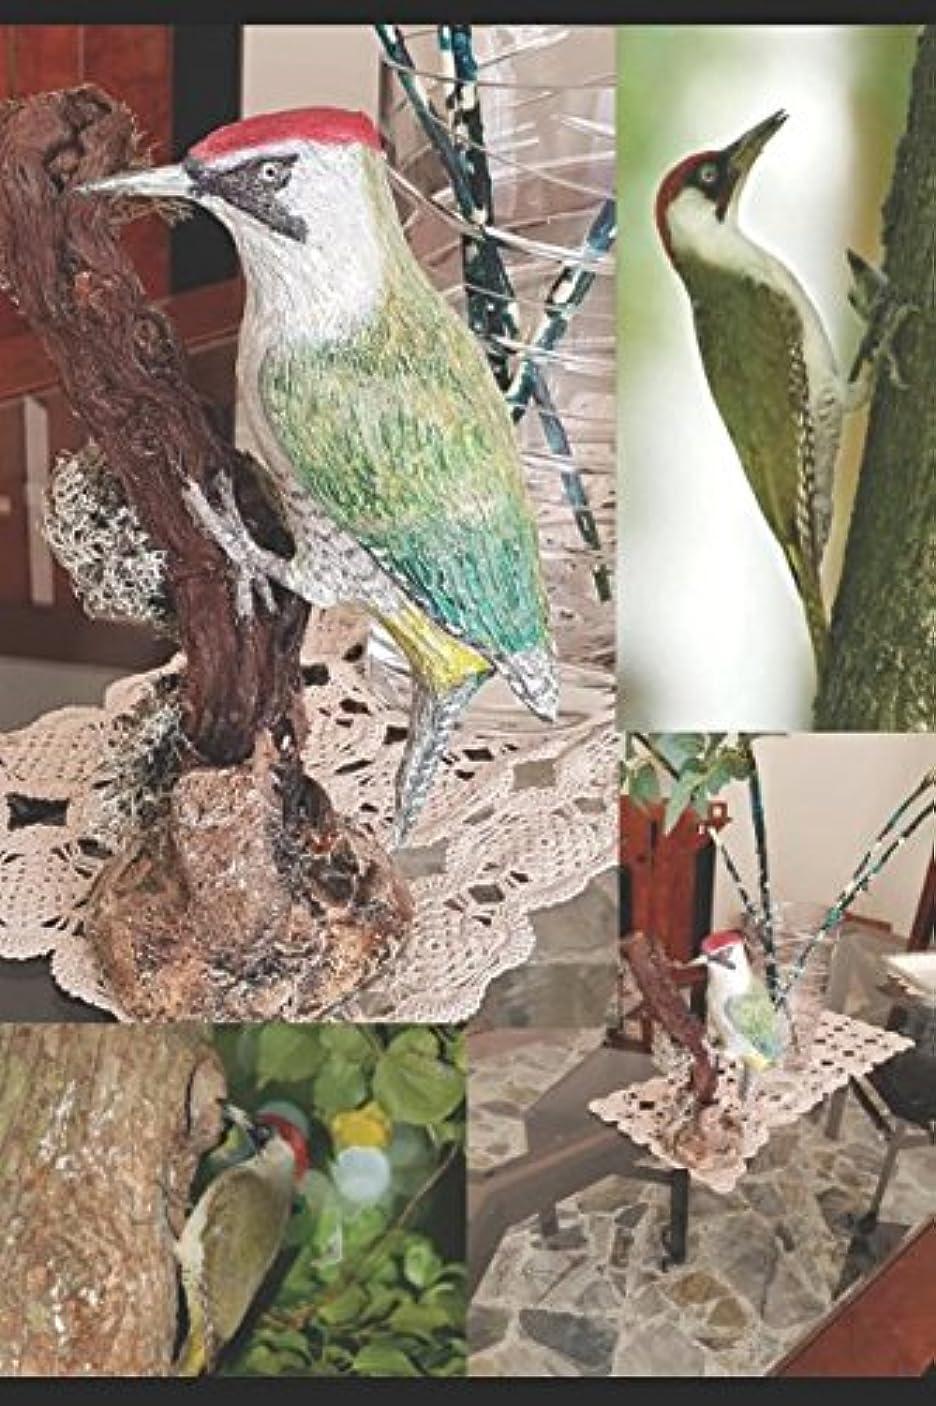 予防接種するトリップ議論するDESDE TAXIDERMY A LA ESCULTURA: NOCIONES Y TéCNICAS VOL. 4 AVES: Escultura de un carpintero verde (Dalla Tassidermia alla Scultura)